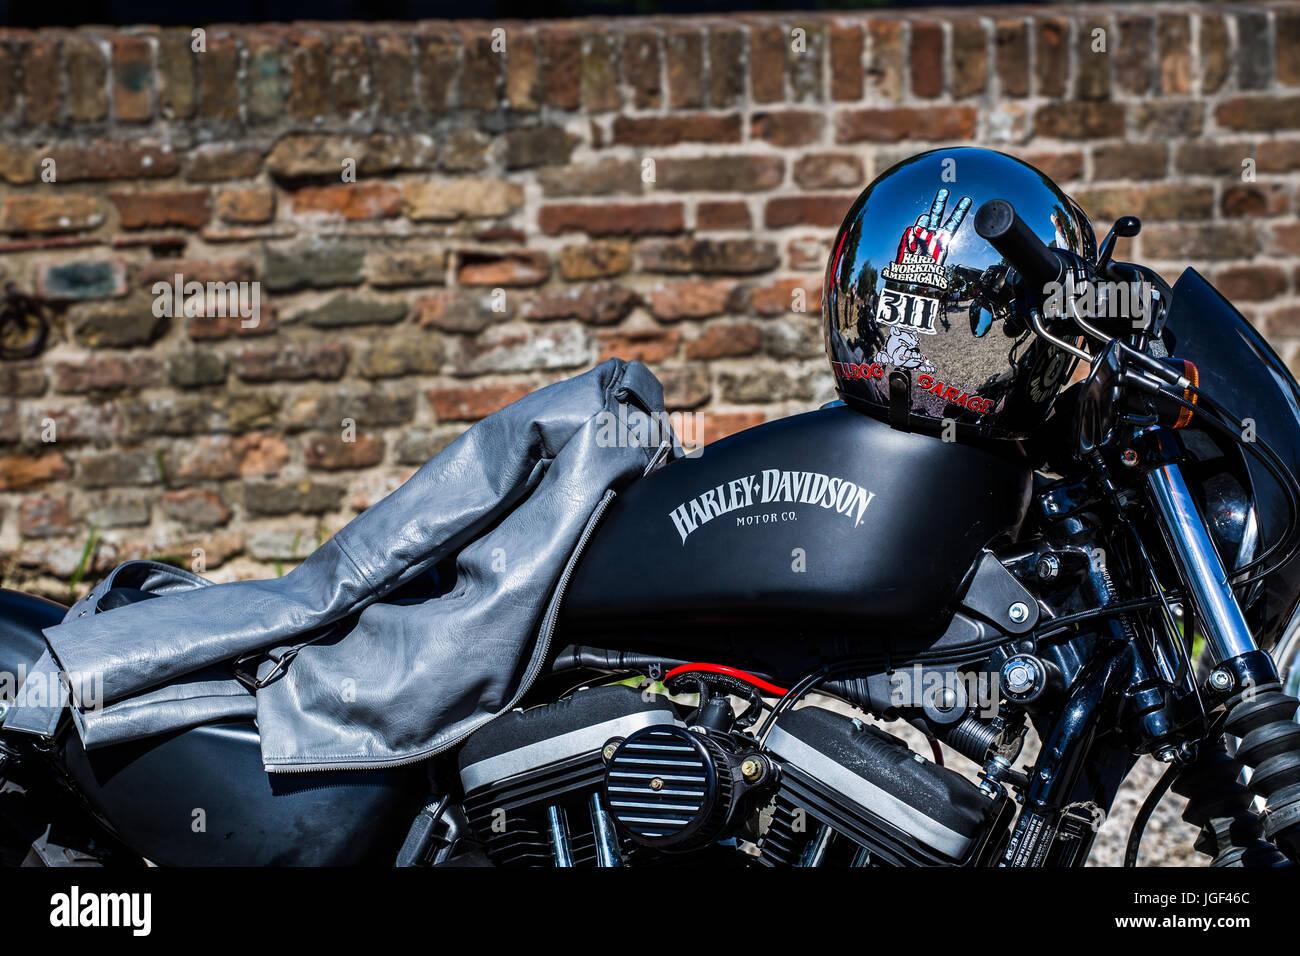 La Mujer De 883 Iron Casco En Harley Y Davidson Chaqueta Una UpqSzGVM